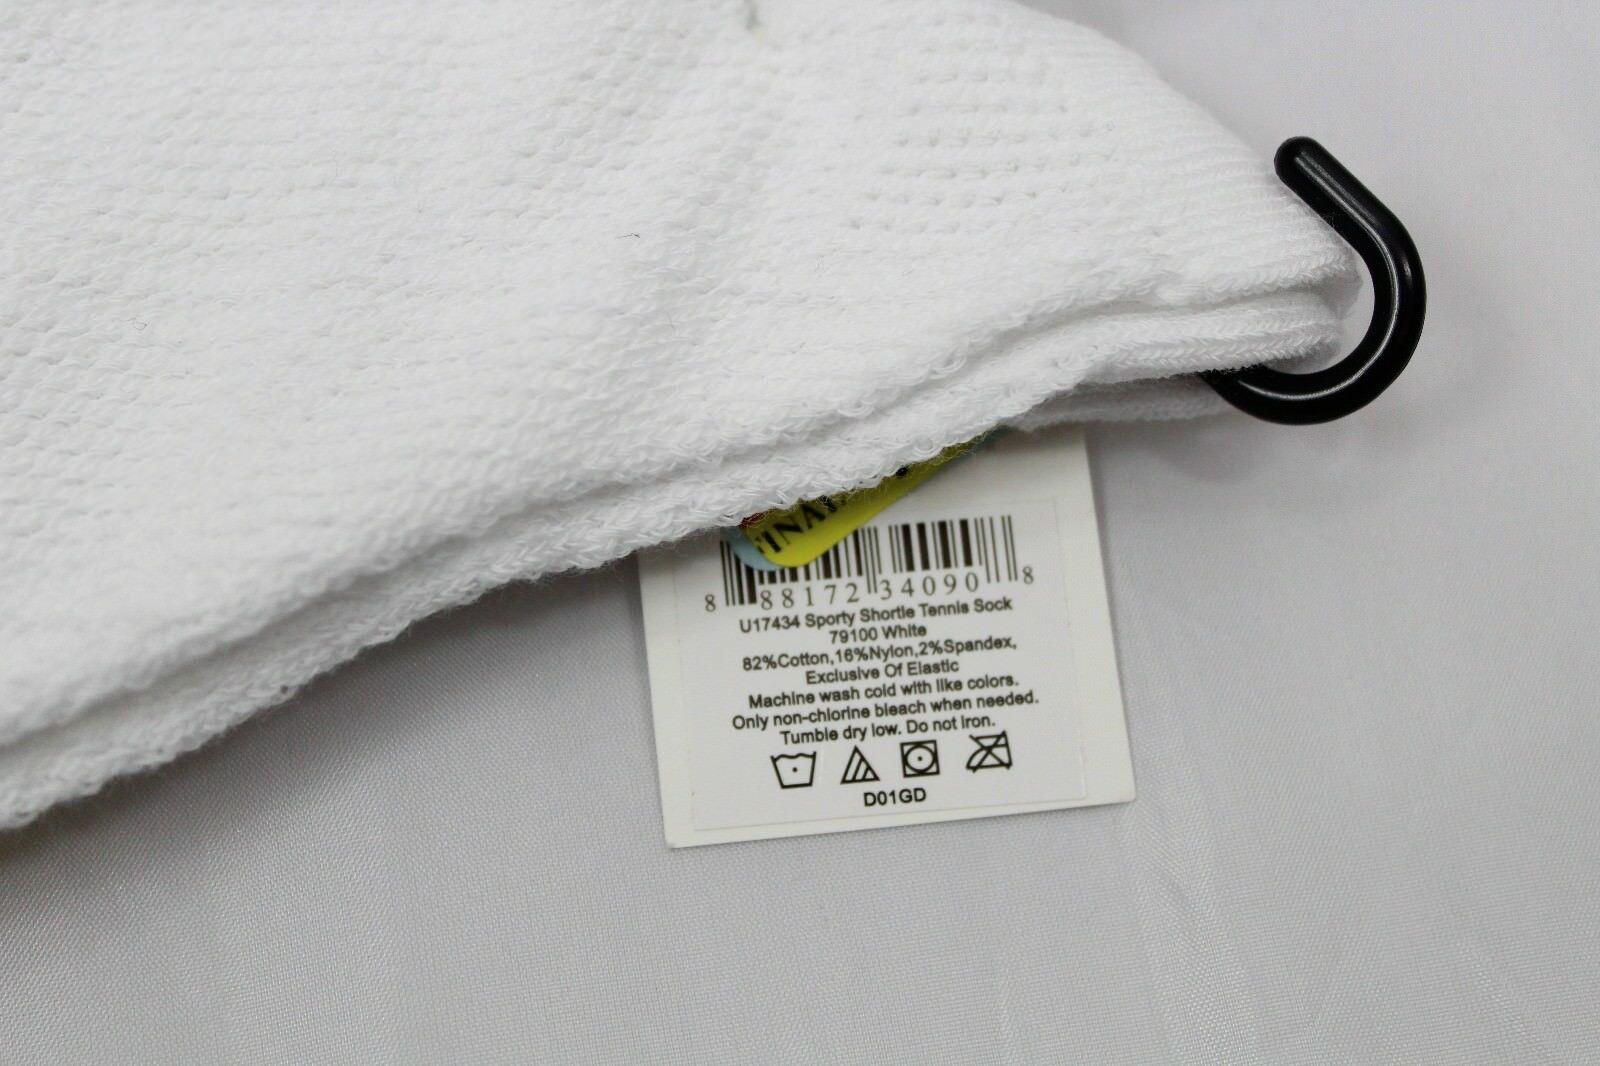 HUE women's Sporty Shorty Tennis Socks White OS